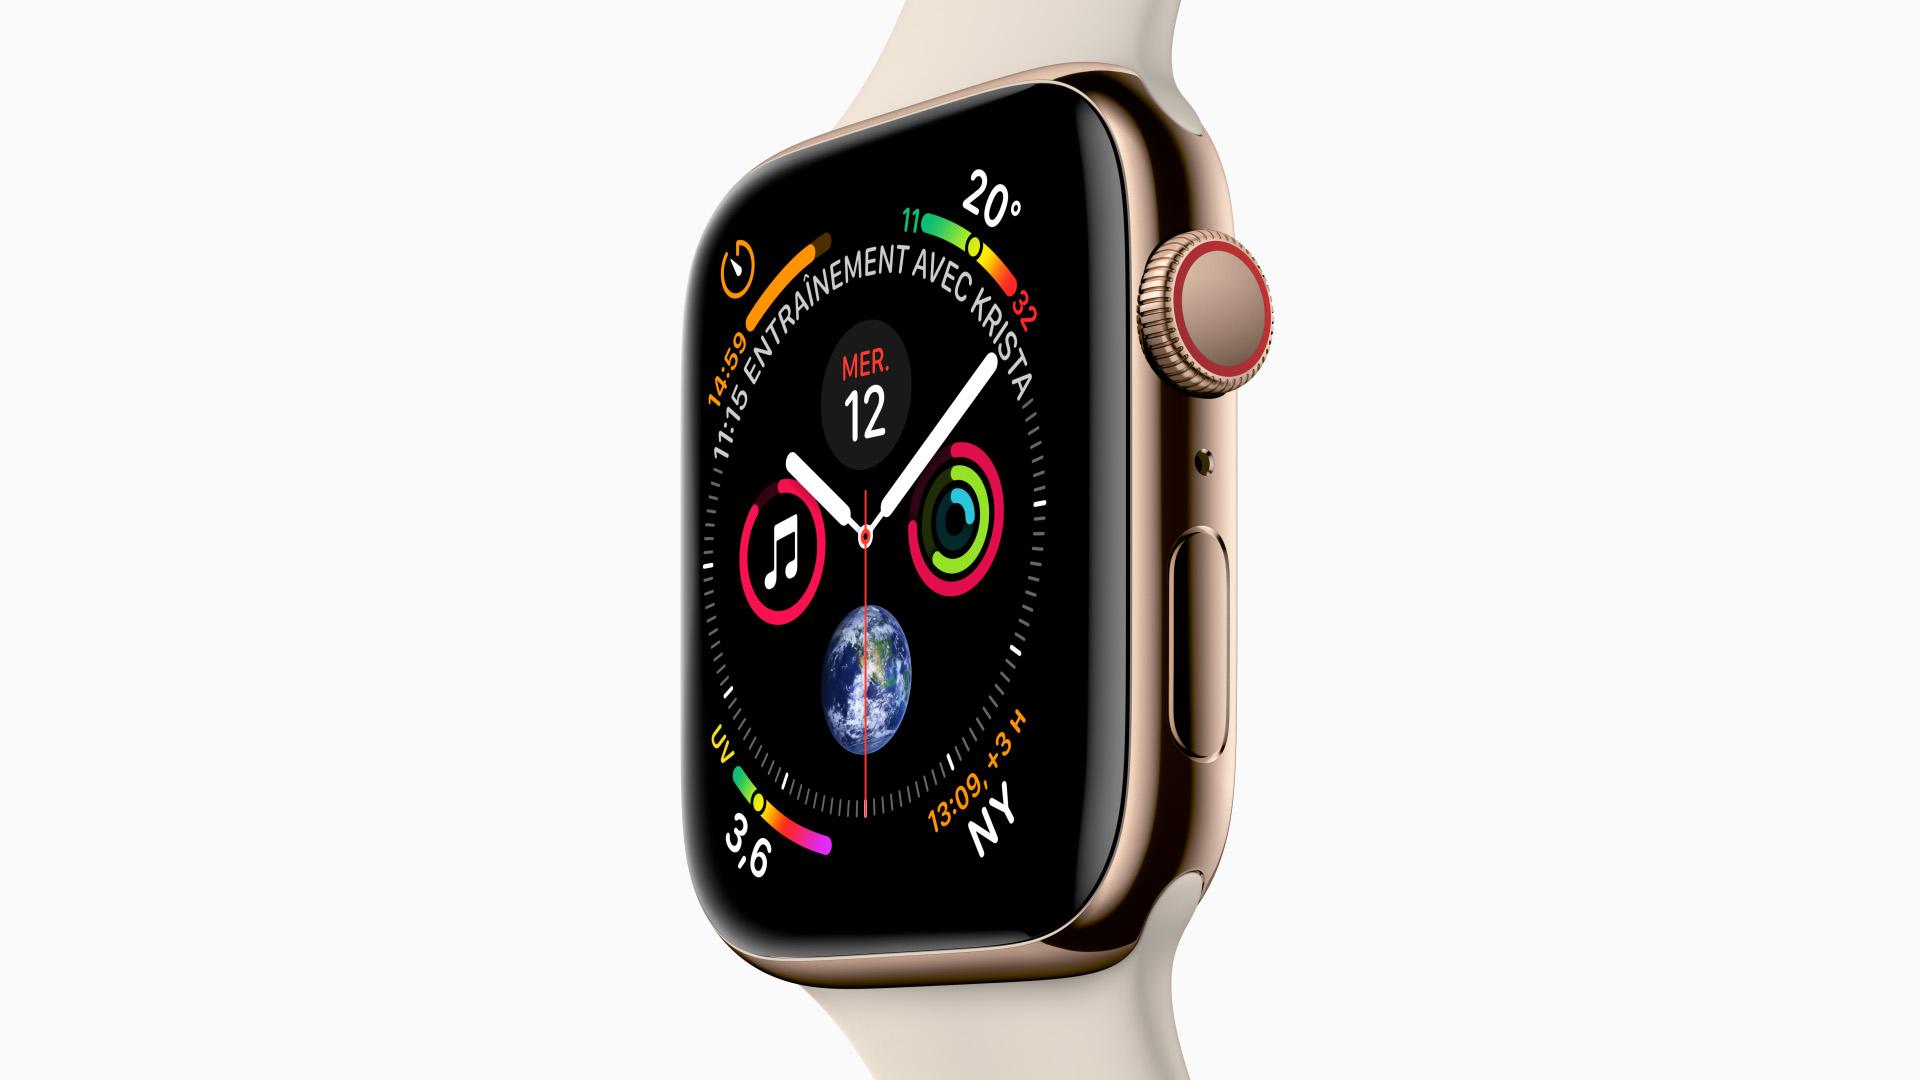 [Nouvelles Technologies] L'Apple Watch Series 4, plus grande et plus puissante